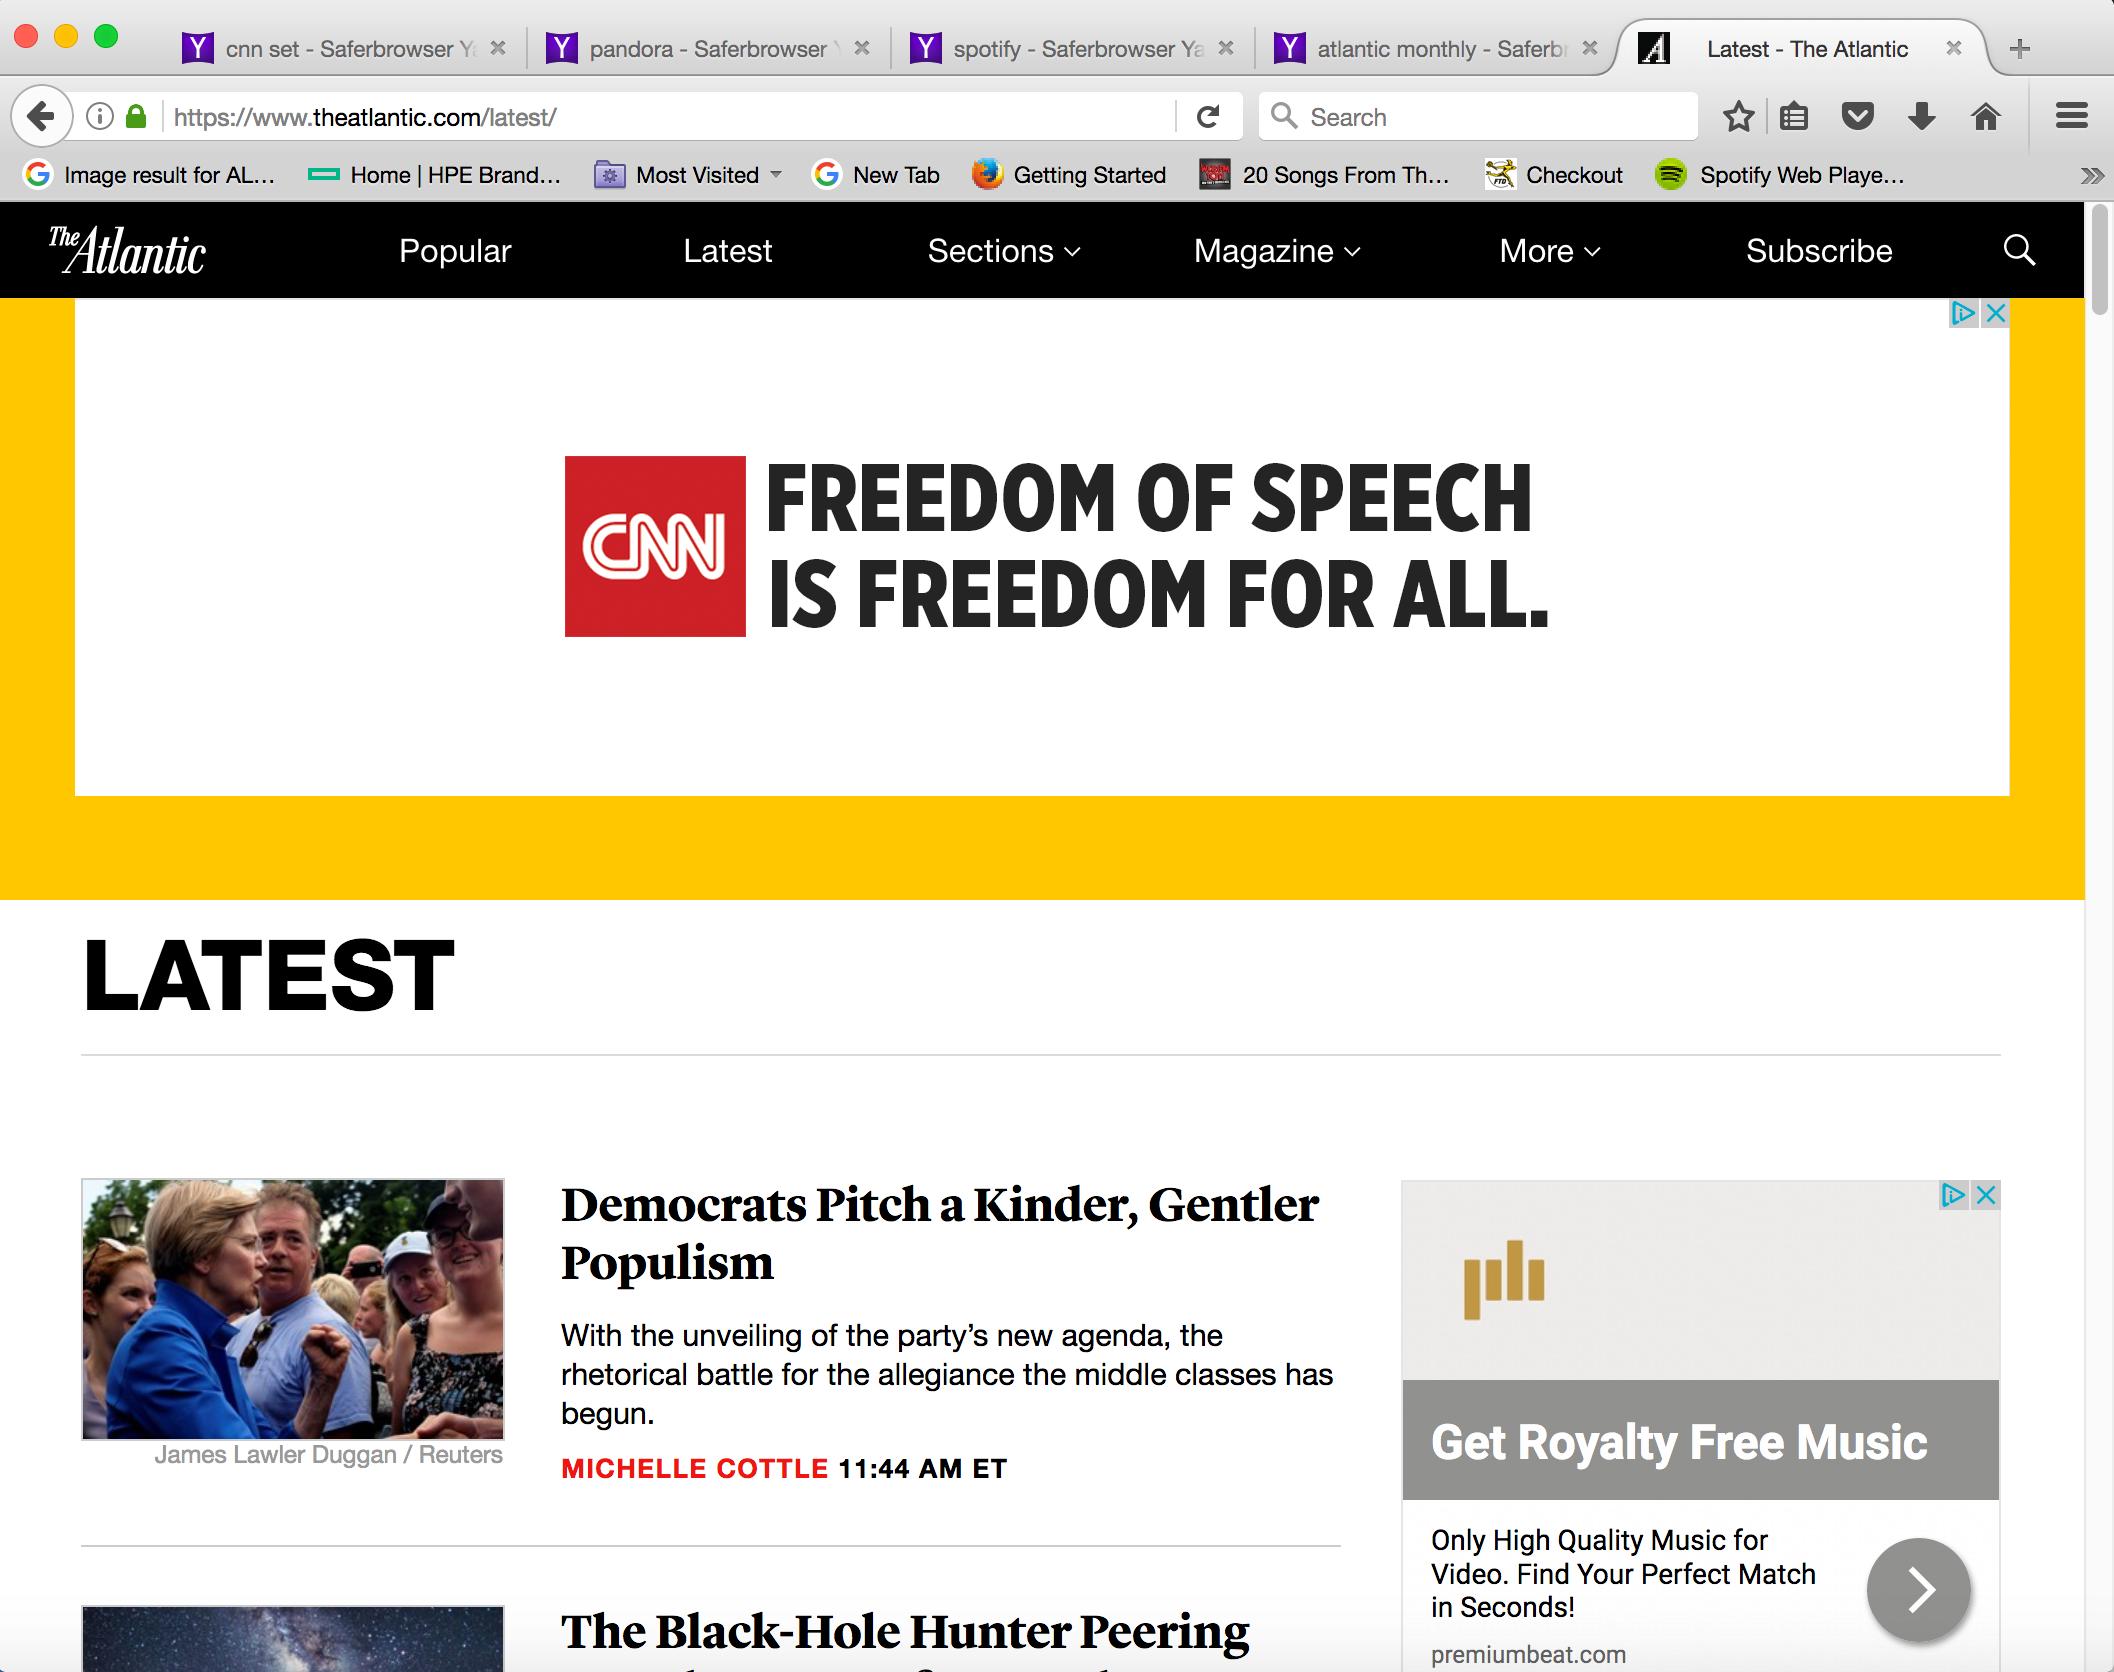 CNN_Freedom_Campaign_WebBanner_Top_v011_JK.png